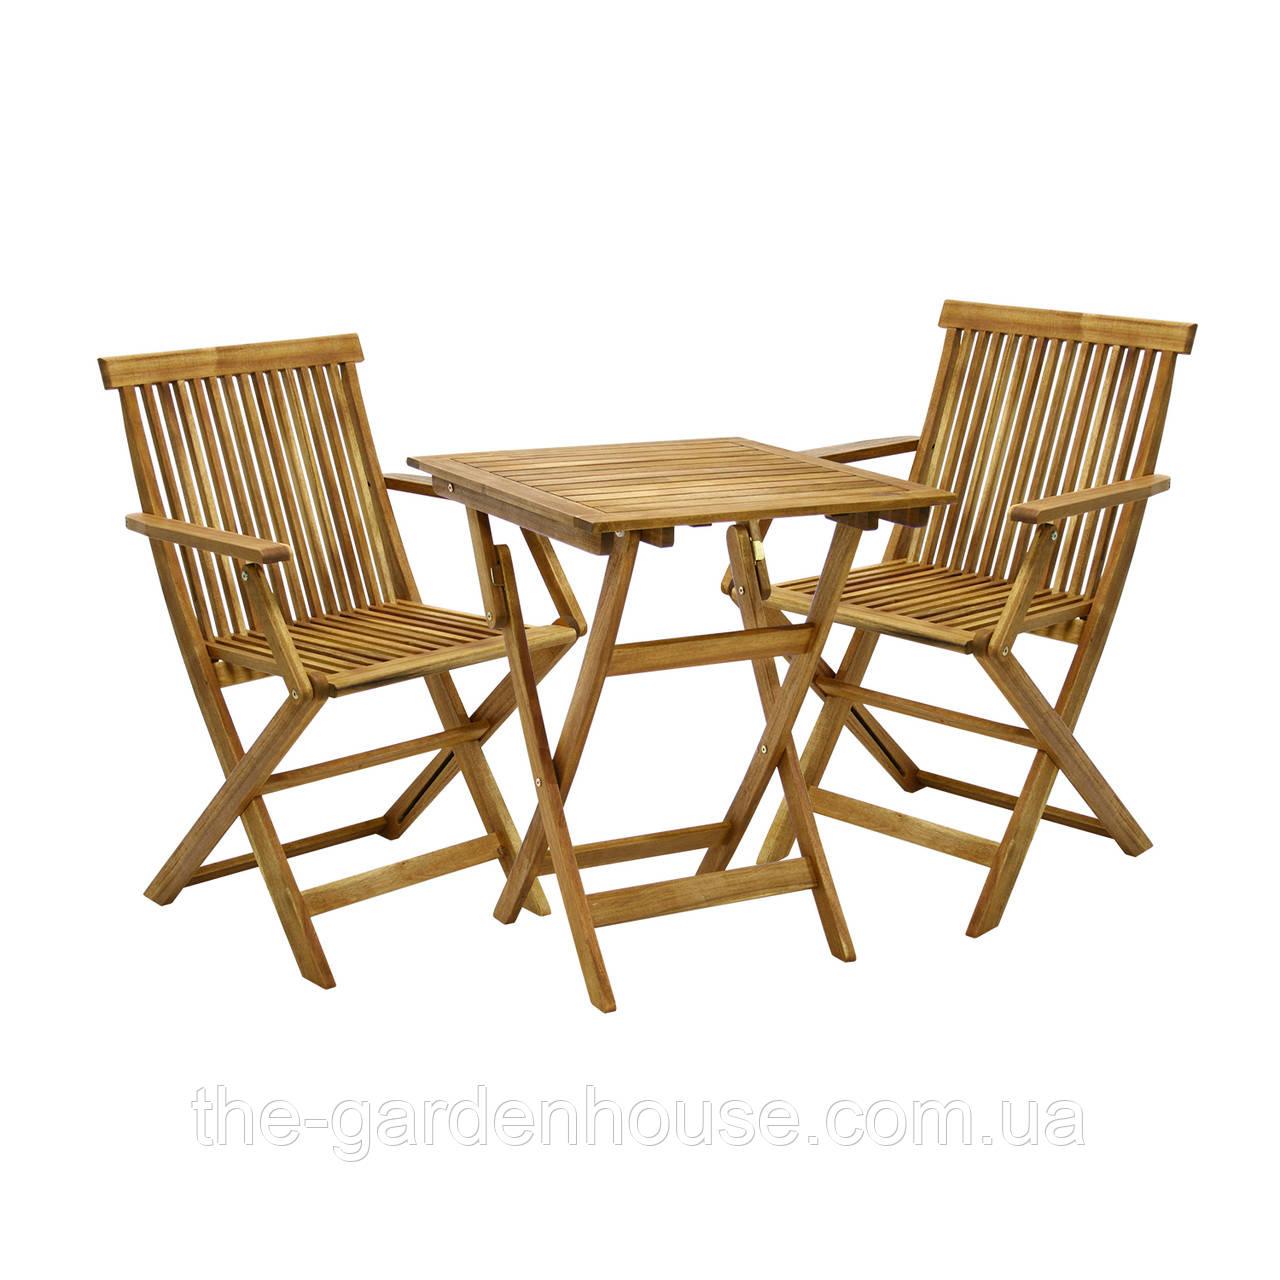 Двухместный набор садовой мебели Finlay из дерева акации